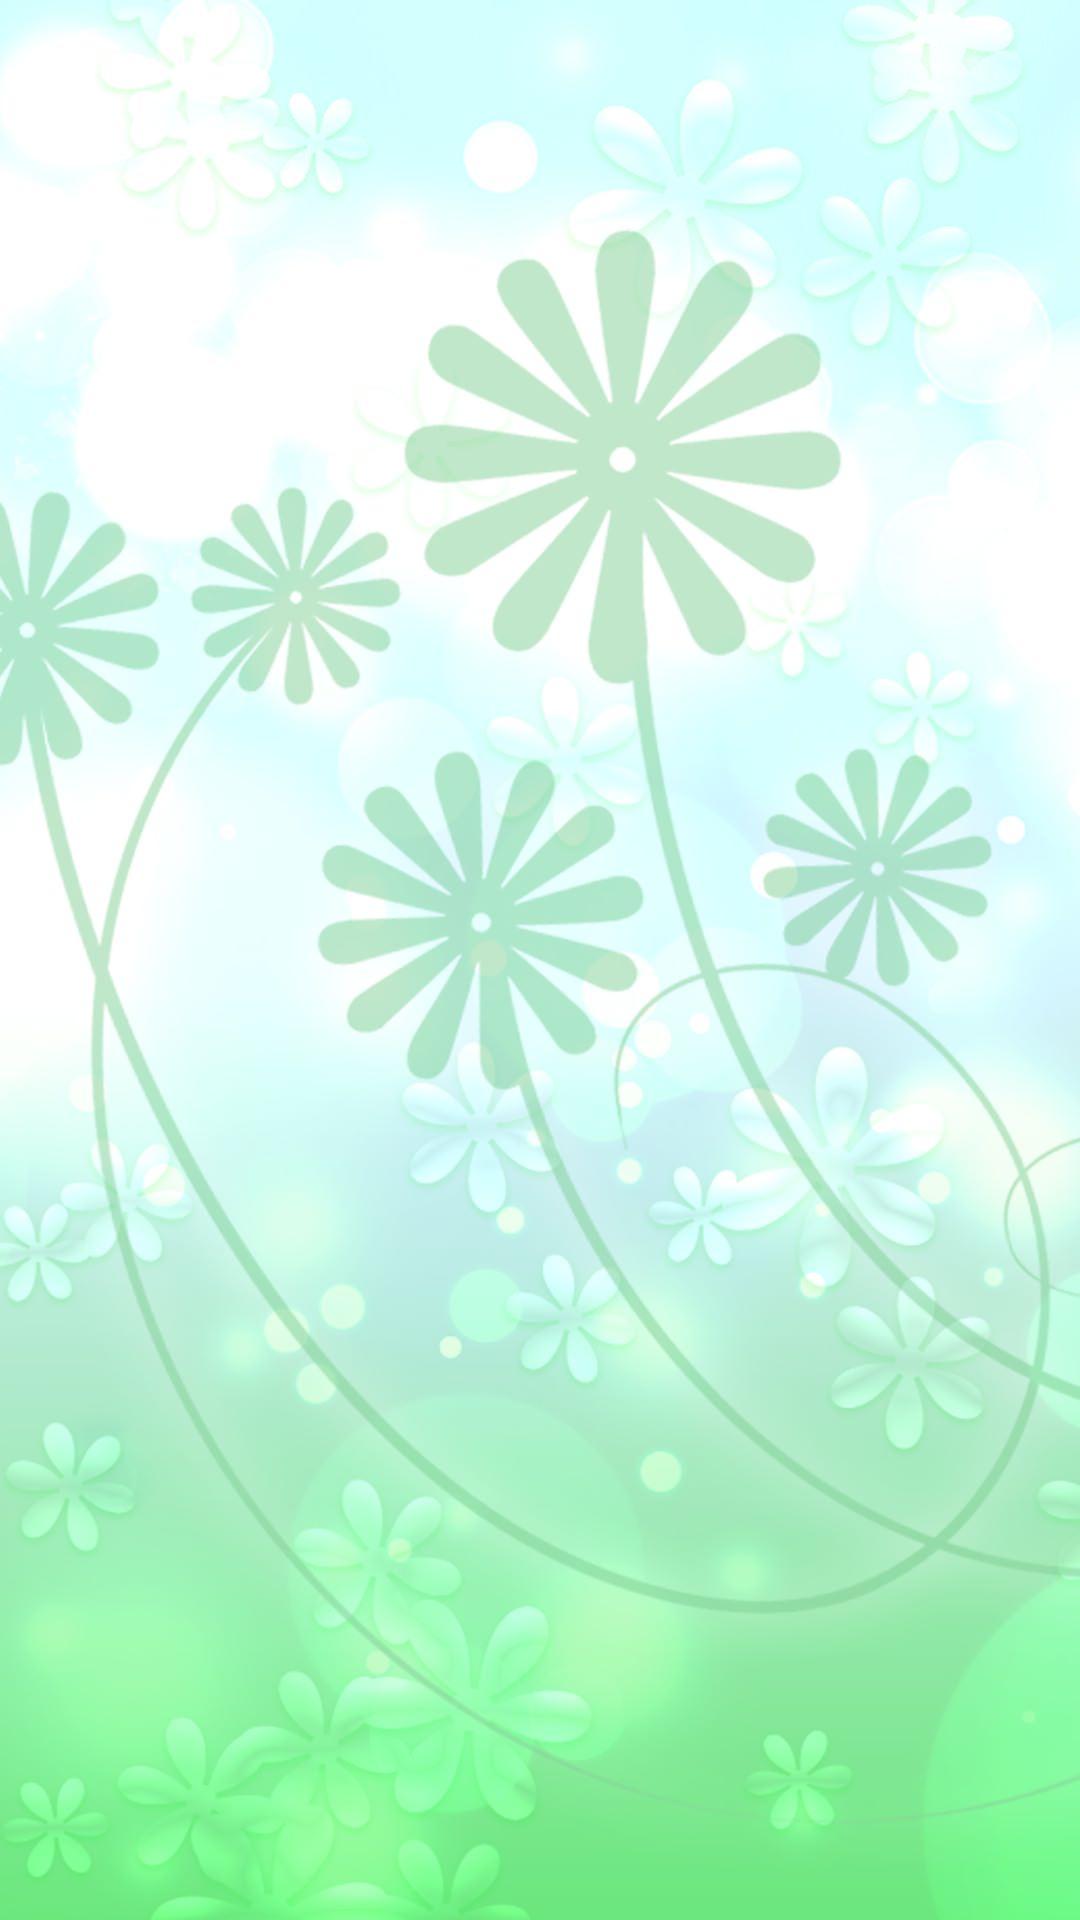 Lucu Hijau Putih Bunga Daun Wallpapersc Android